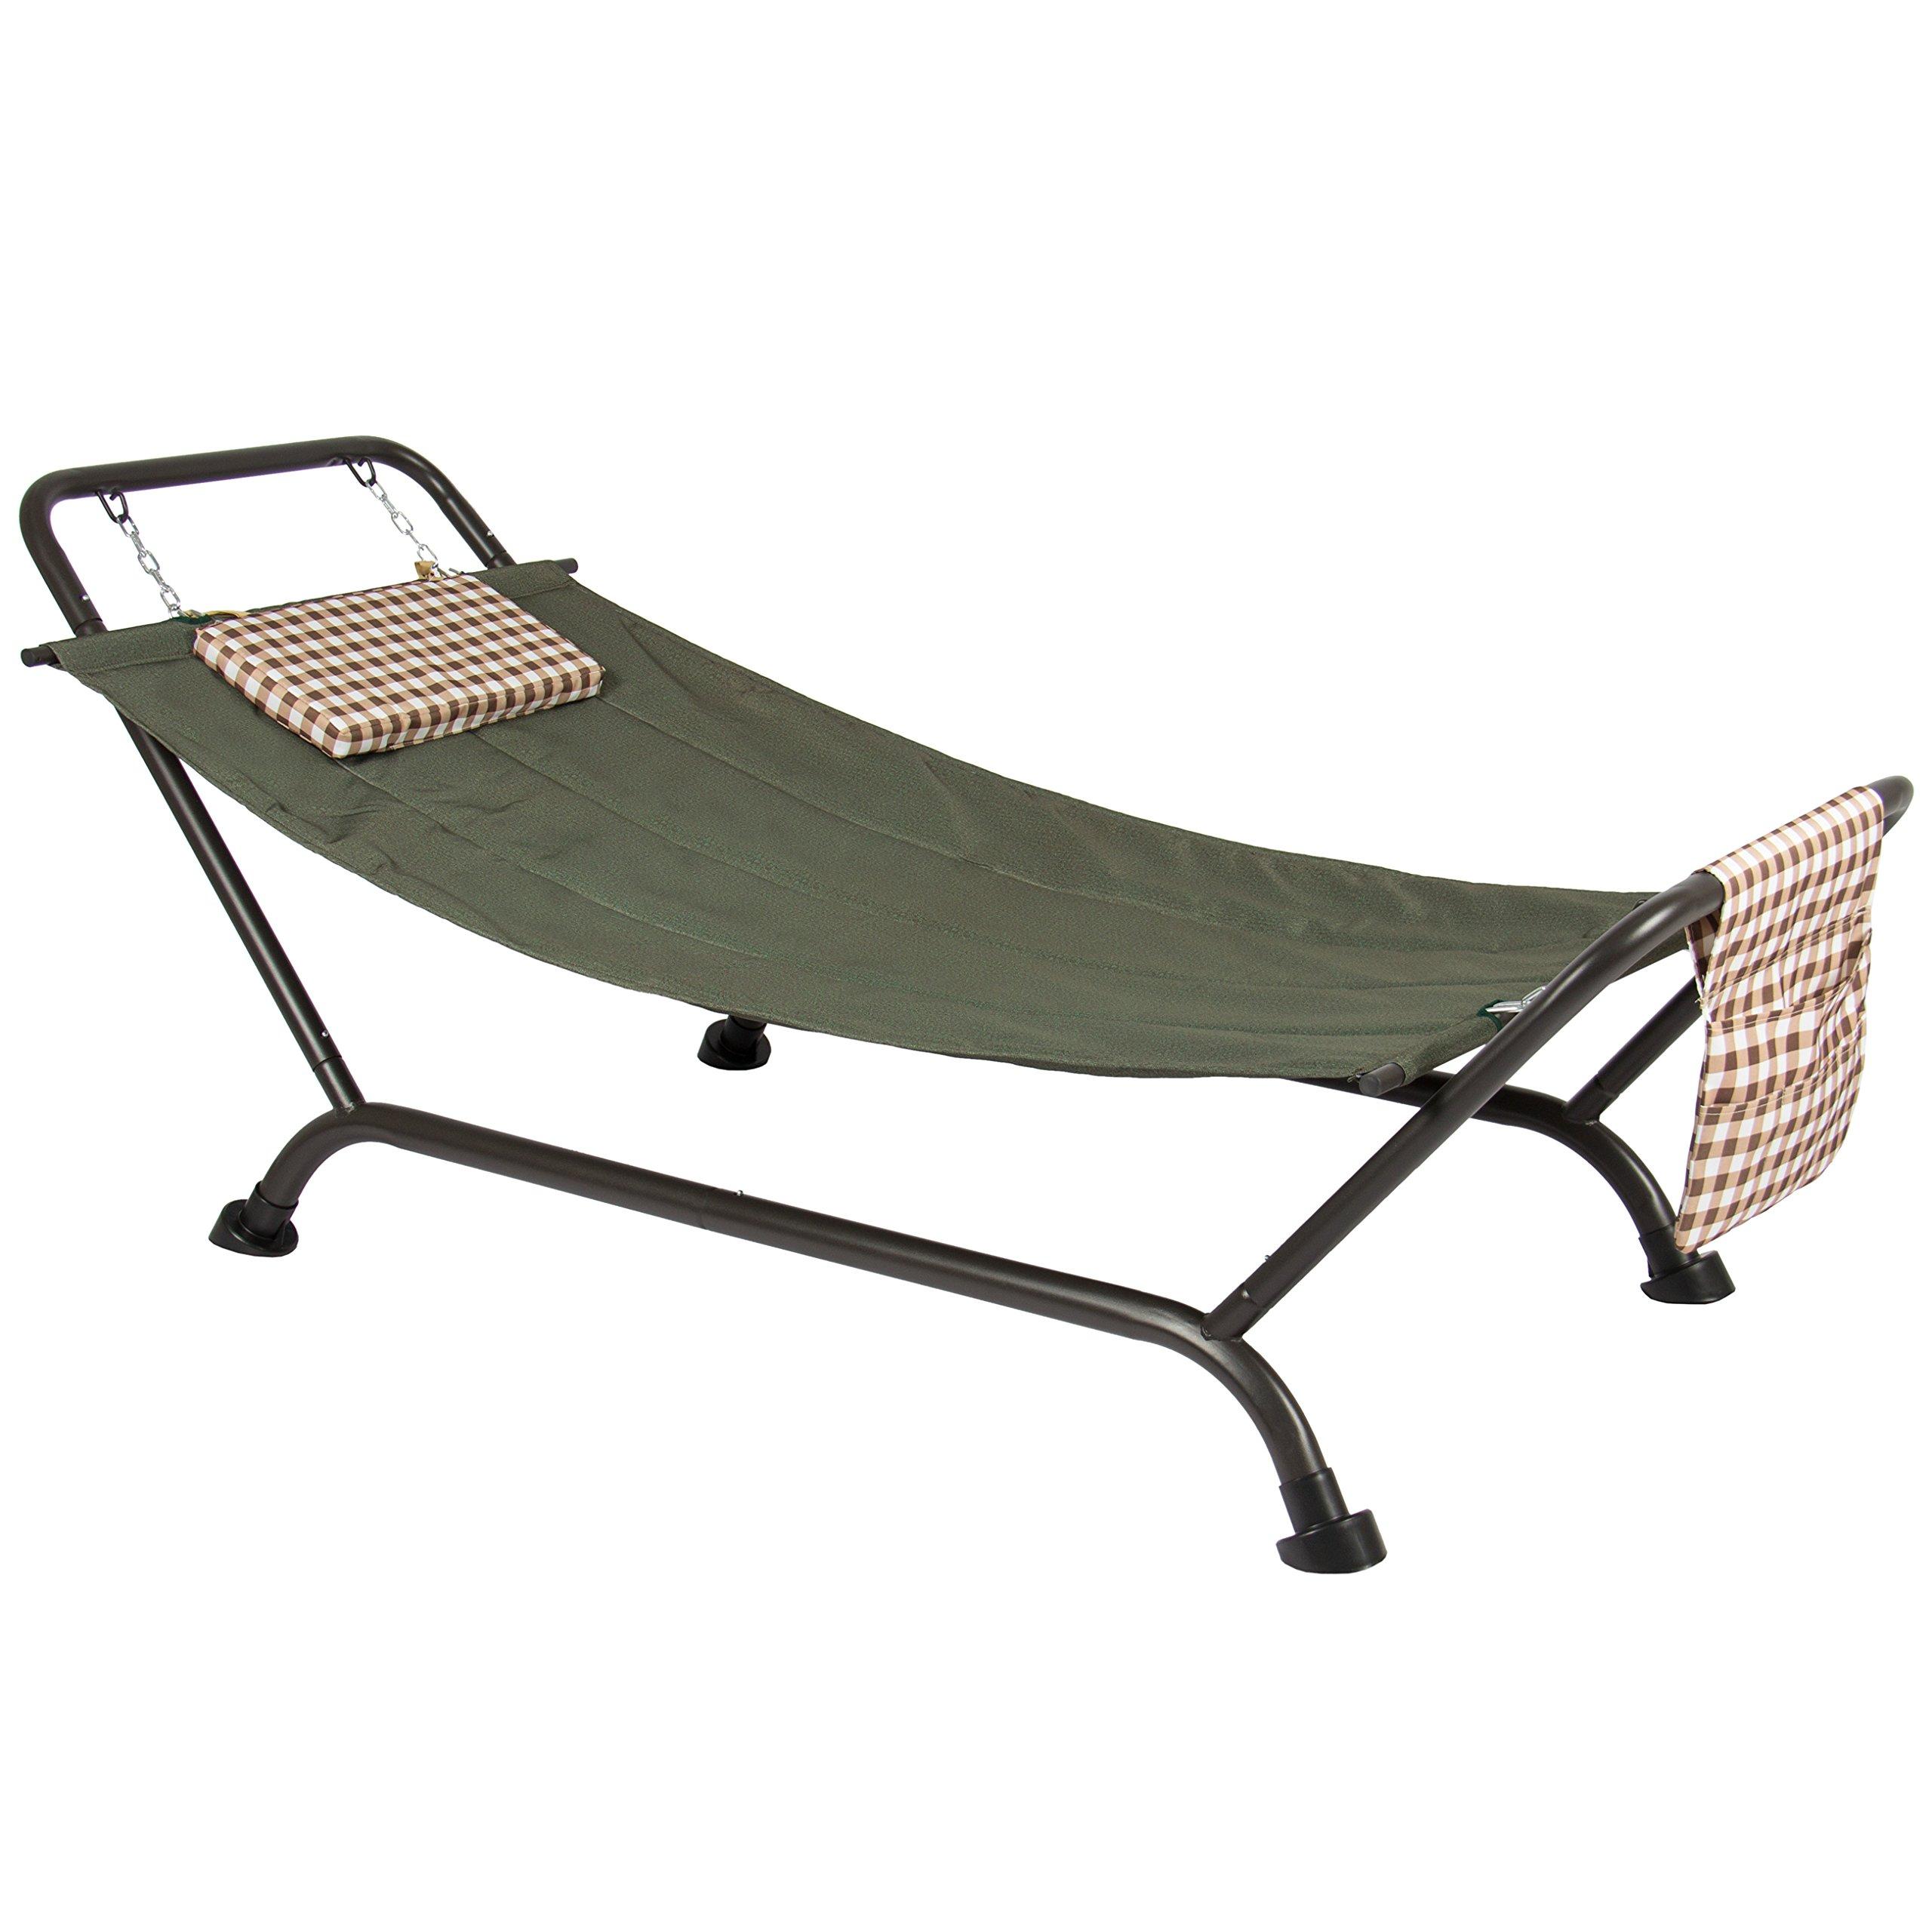 cfm double master stand xlbrazilianfabrichammockwithfringe hammock product brazilian fringe alone xl with hayneedle fabric